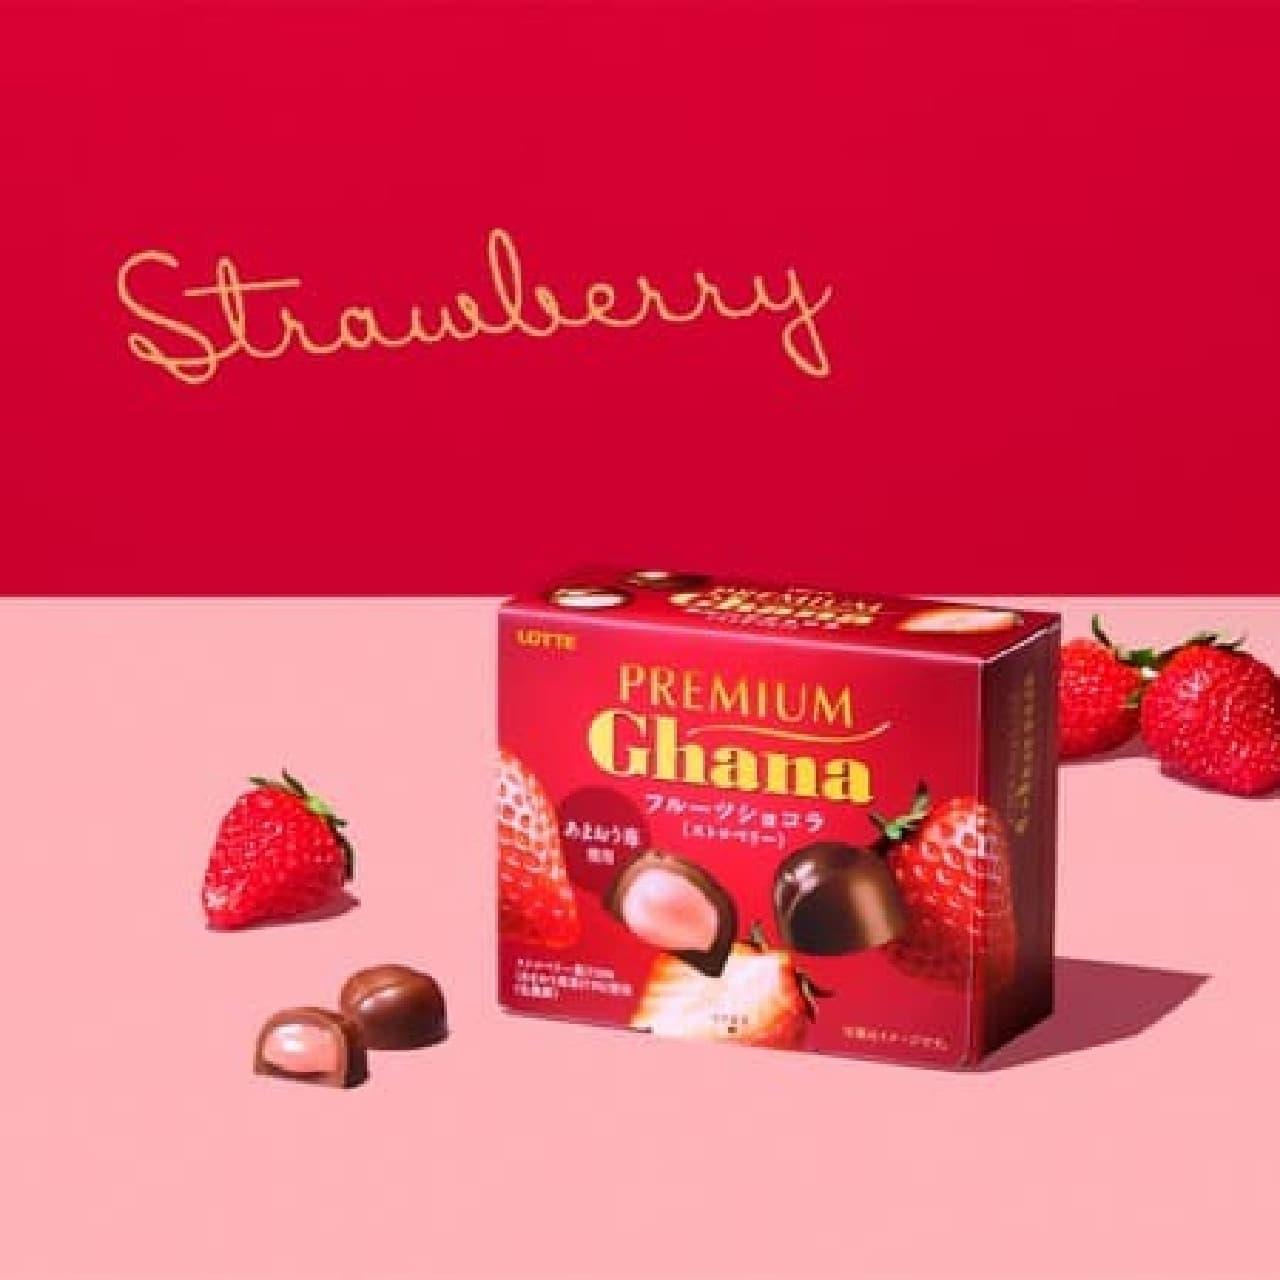 プレミアムガーナフルーツショコラ<ストロベリー>